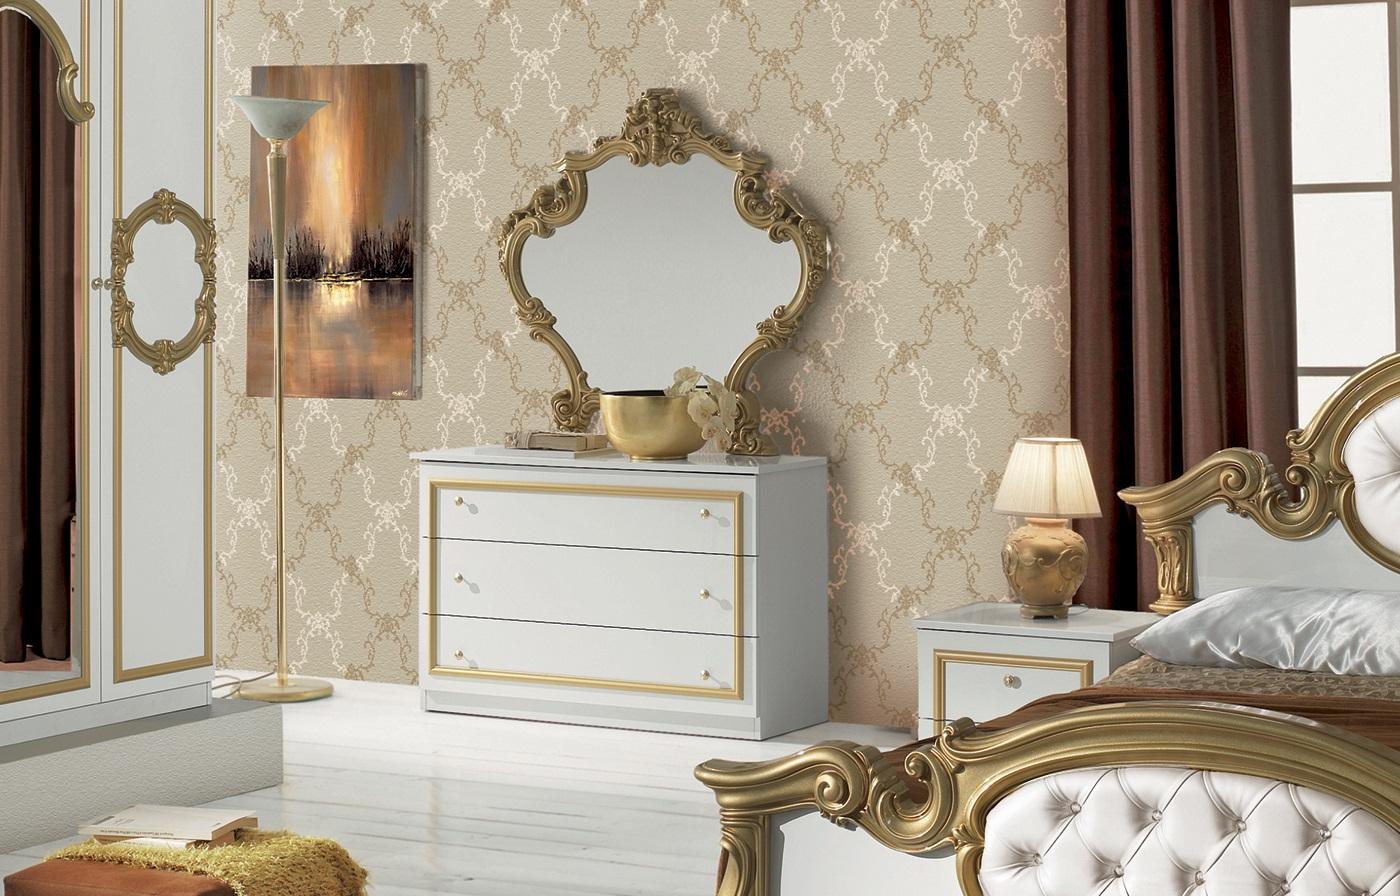 ... Schlafzimmer Barocco In Weiss Gold Klassik Barock